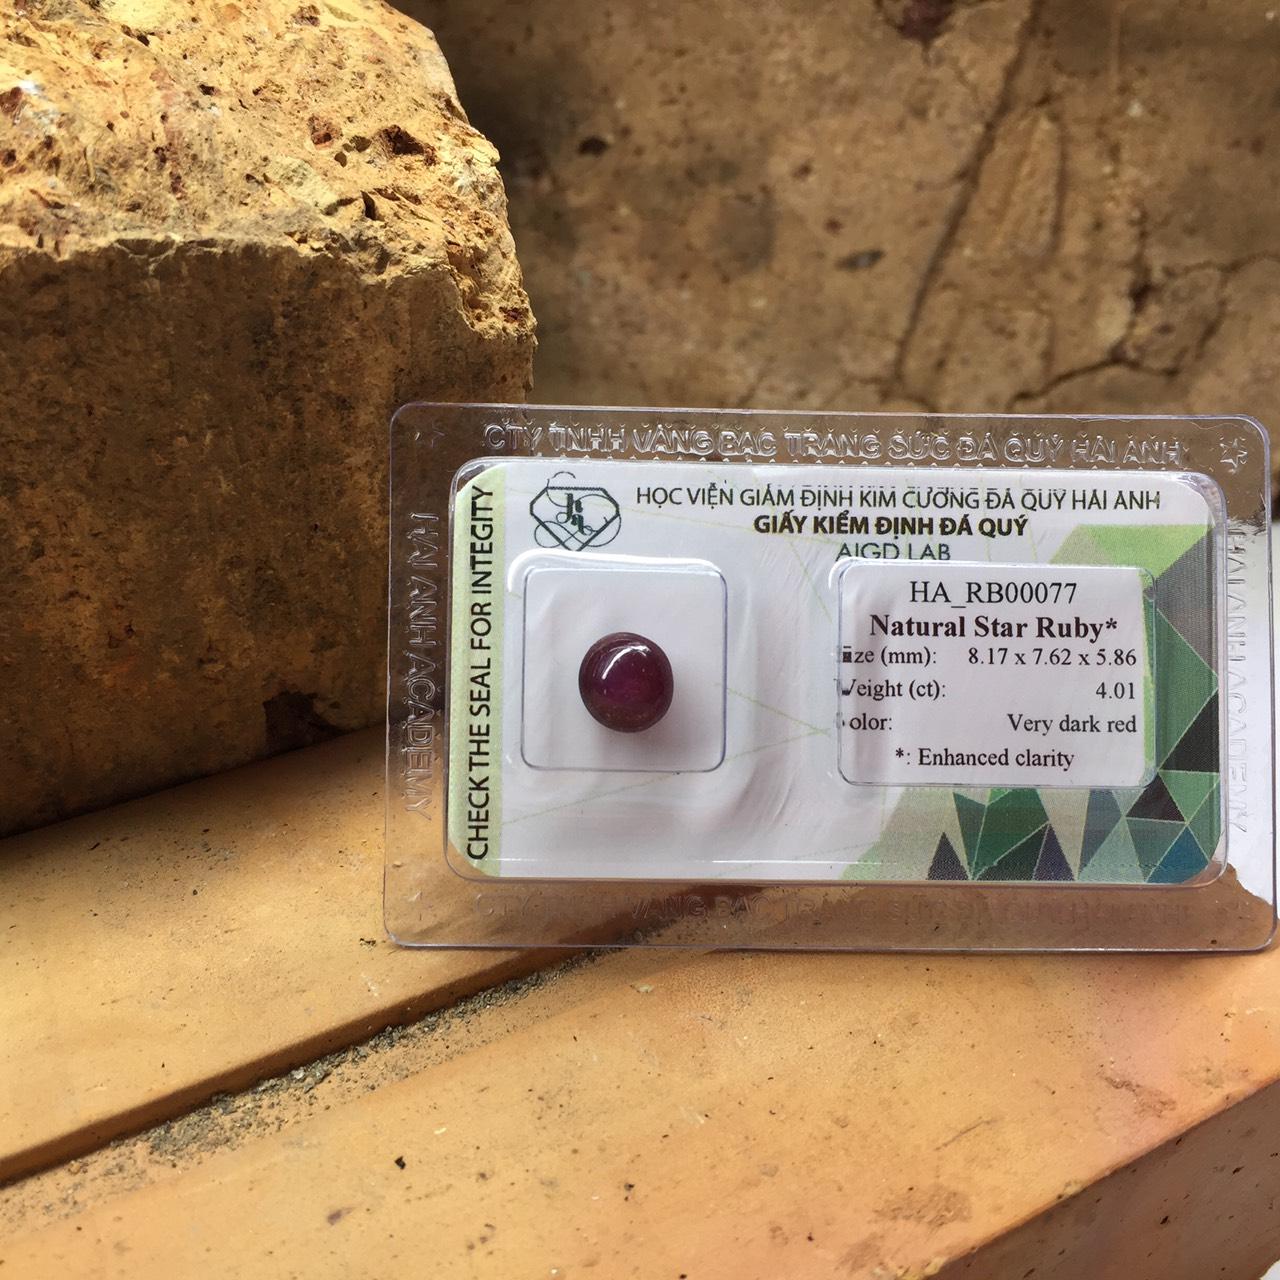 Viên đá Ruby sao thiên nhiên_HA-RB00077